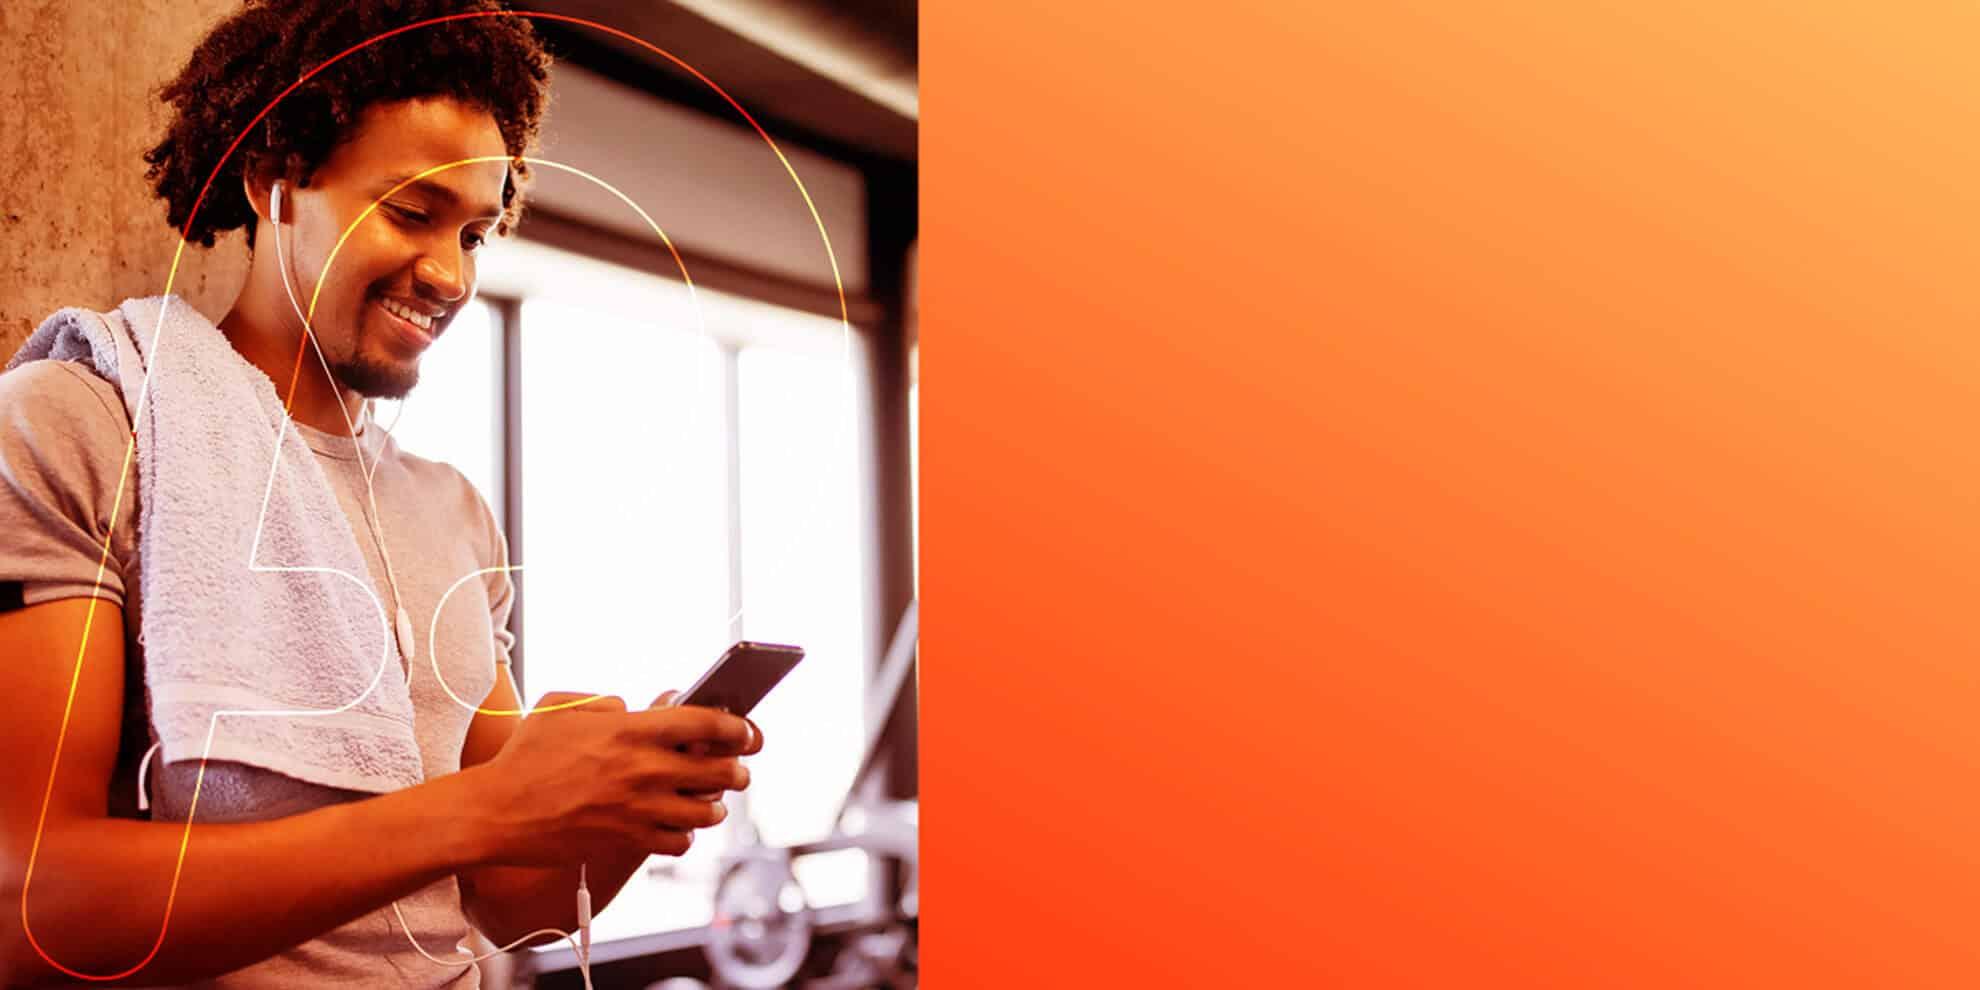 fundo-cta-aplicativo-personal-trainer-consultoria-online-treino-musculacao-otimizada